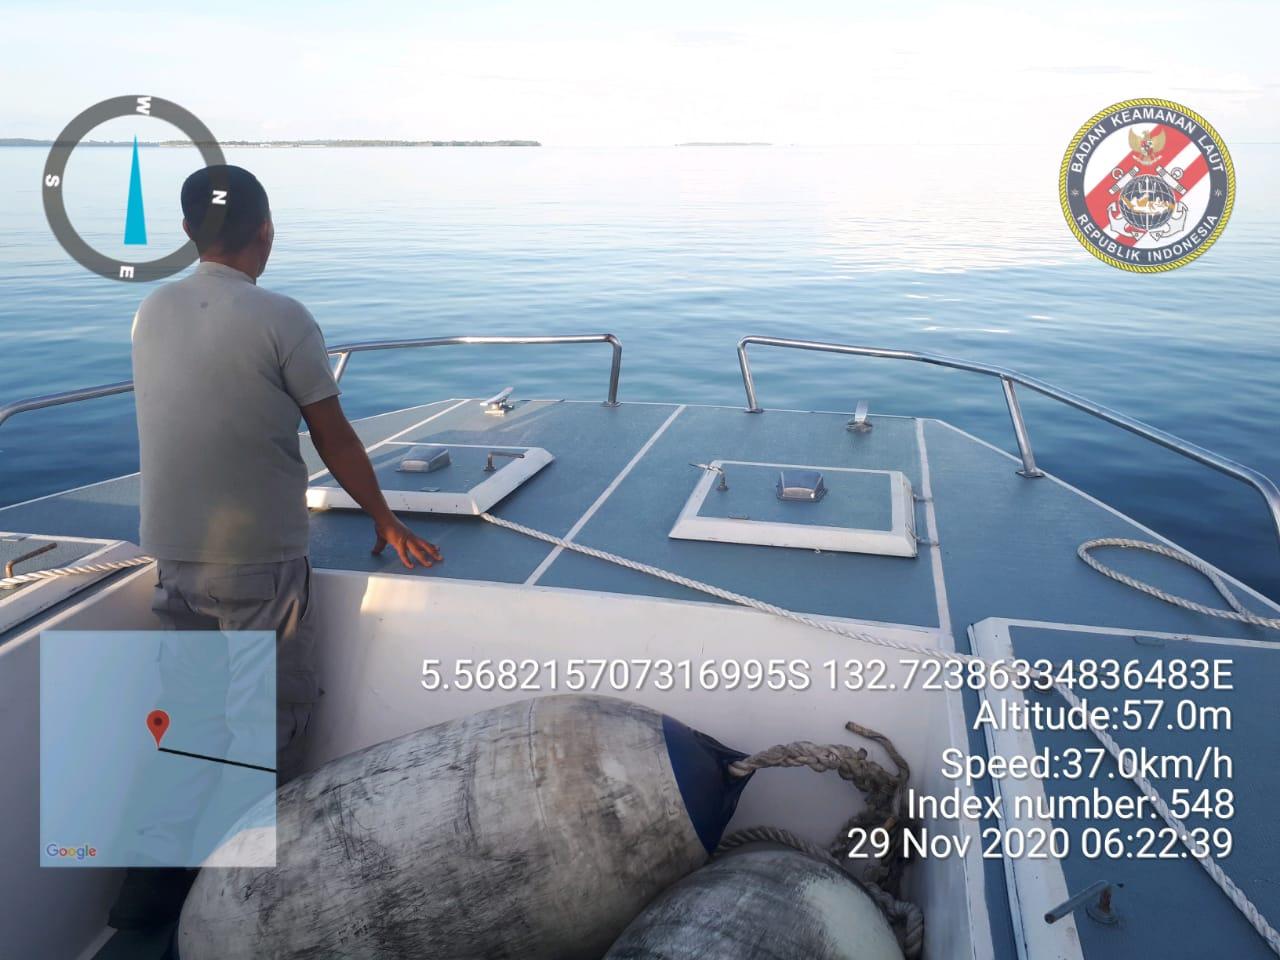 SPKKL Tual Himbau Antisipasi Bahaya Cuaca Buruk Bagi Nelayan Tual